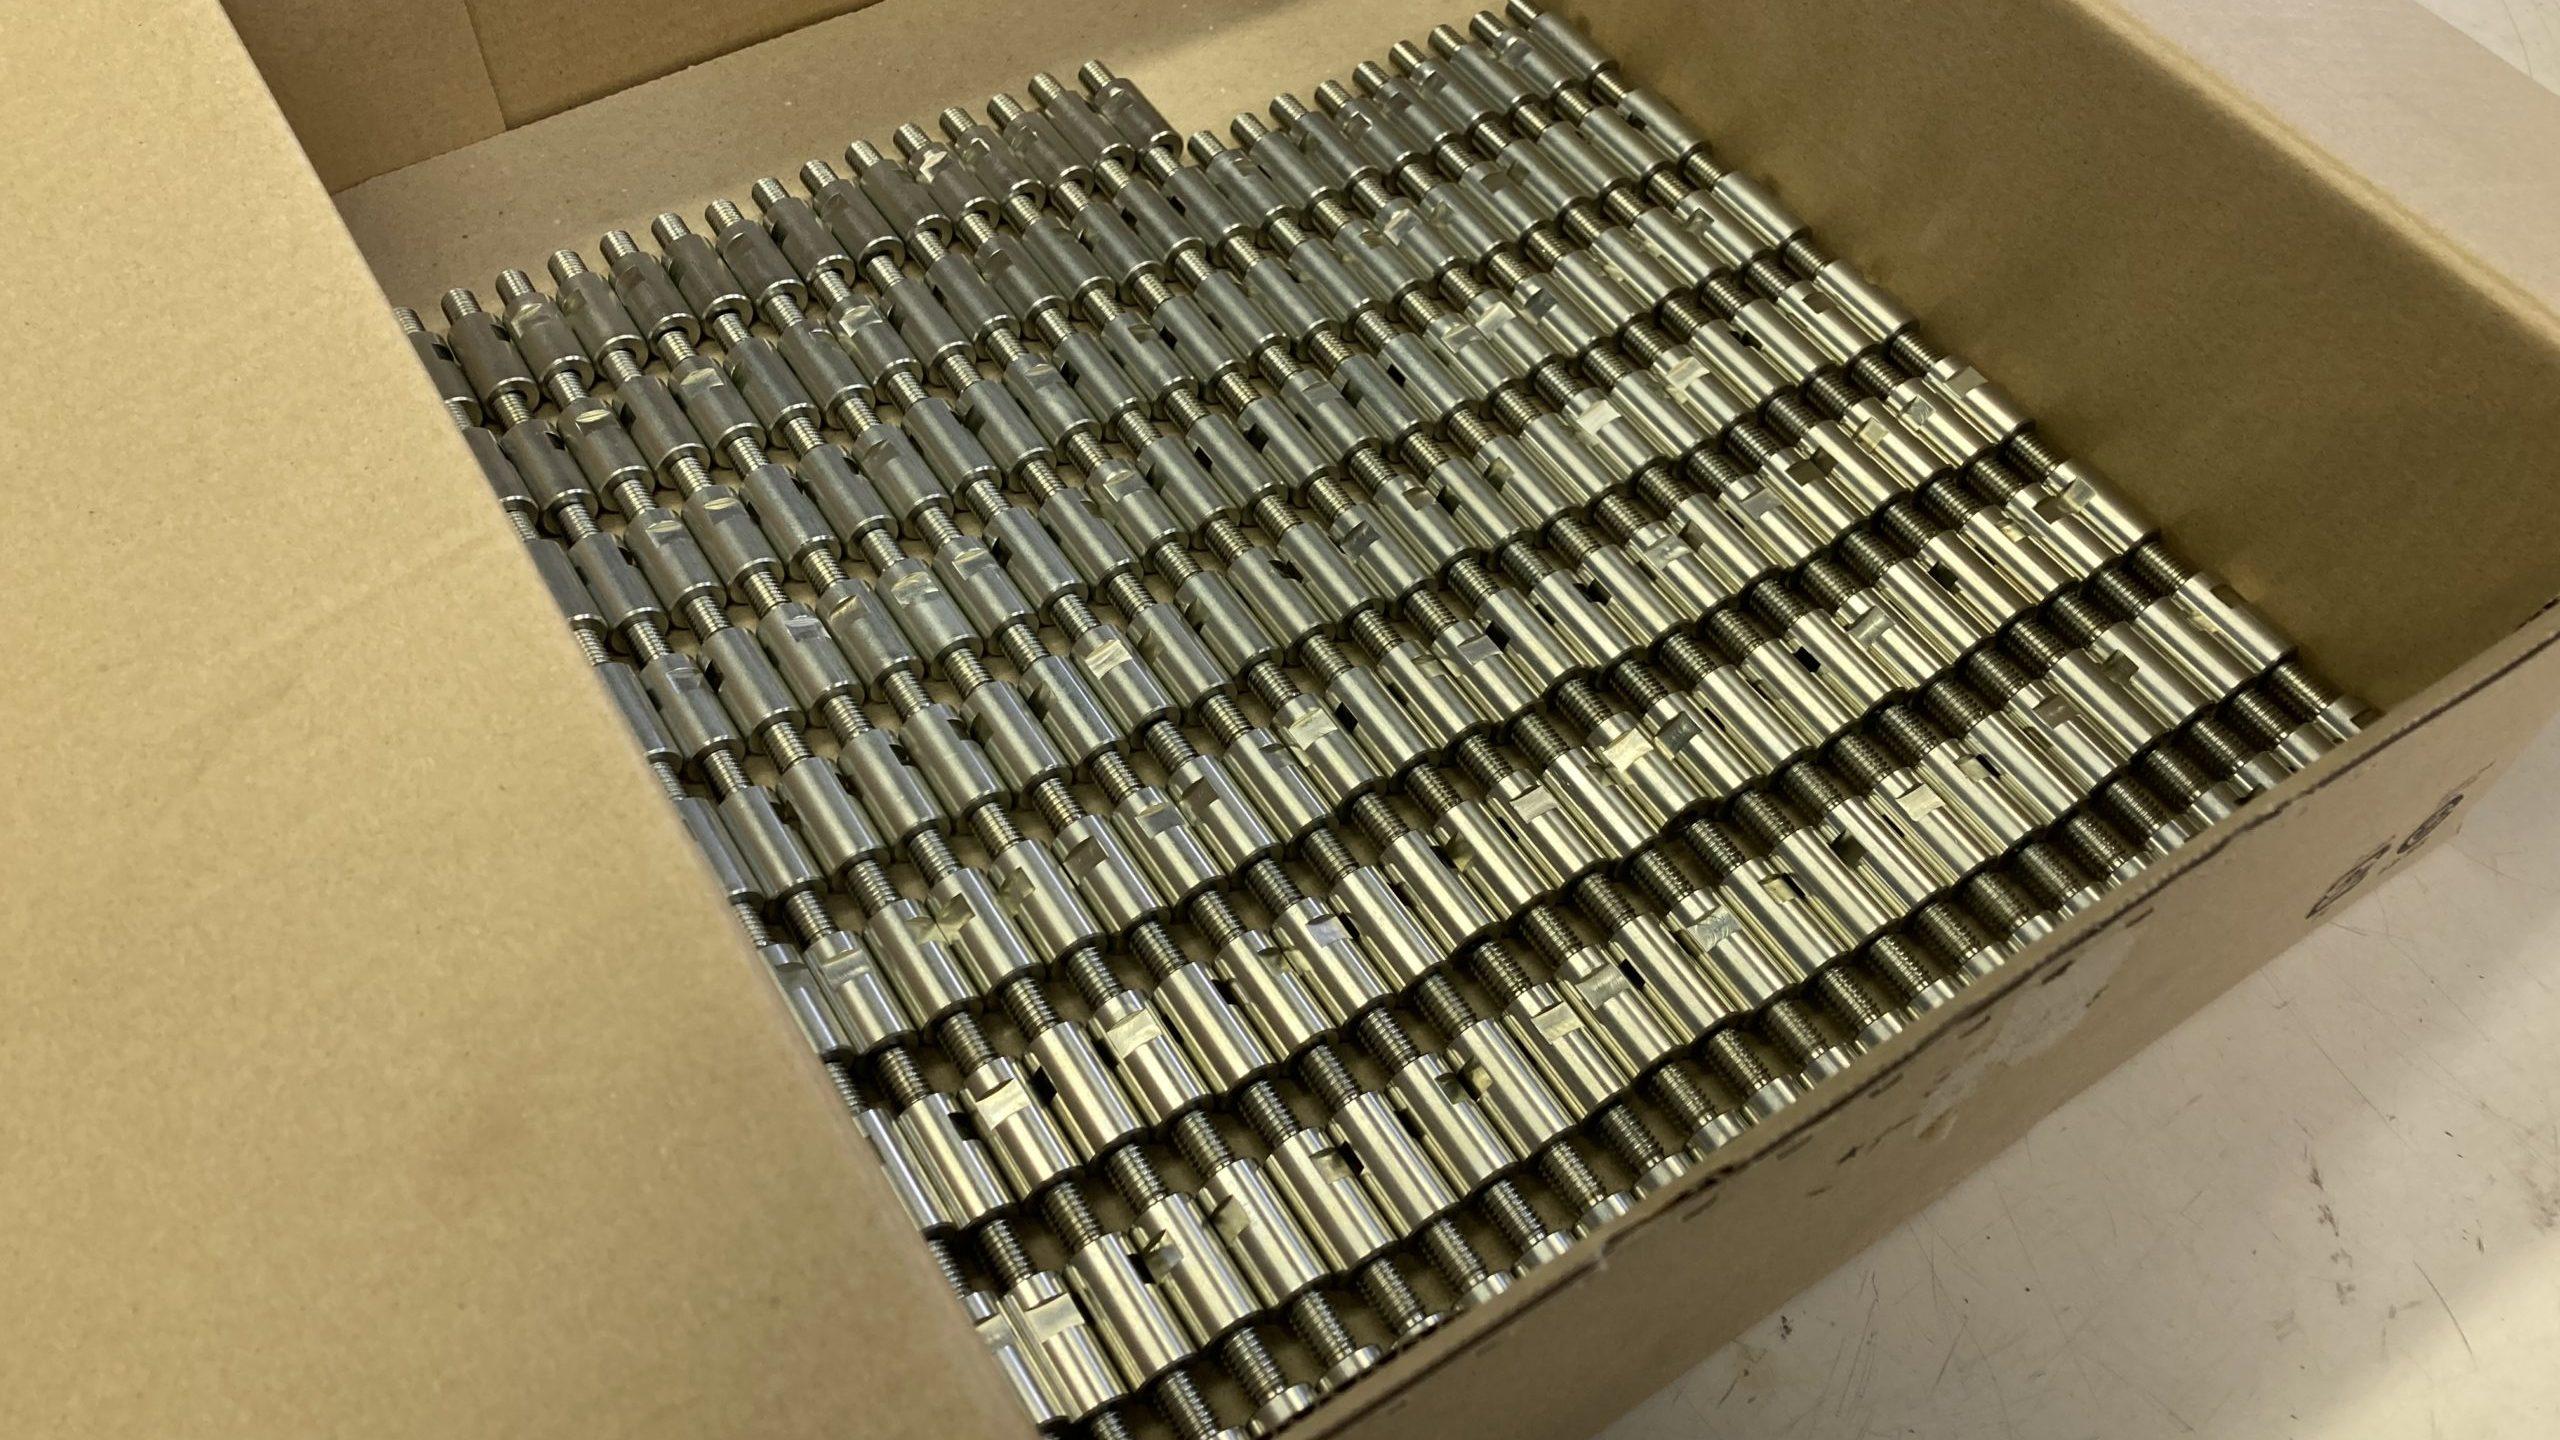 【加工部品調達】丸鋼加工部品(材質:SS400, 三価クロメート)ご相談受付中。